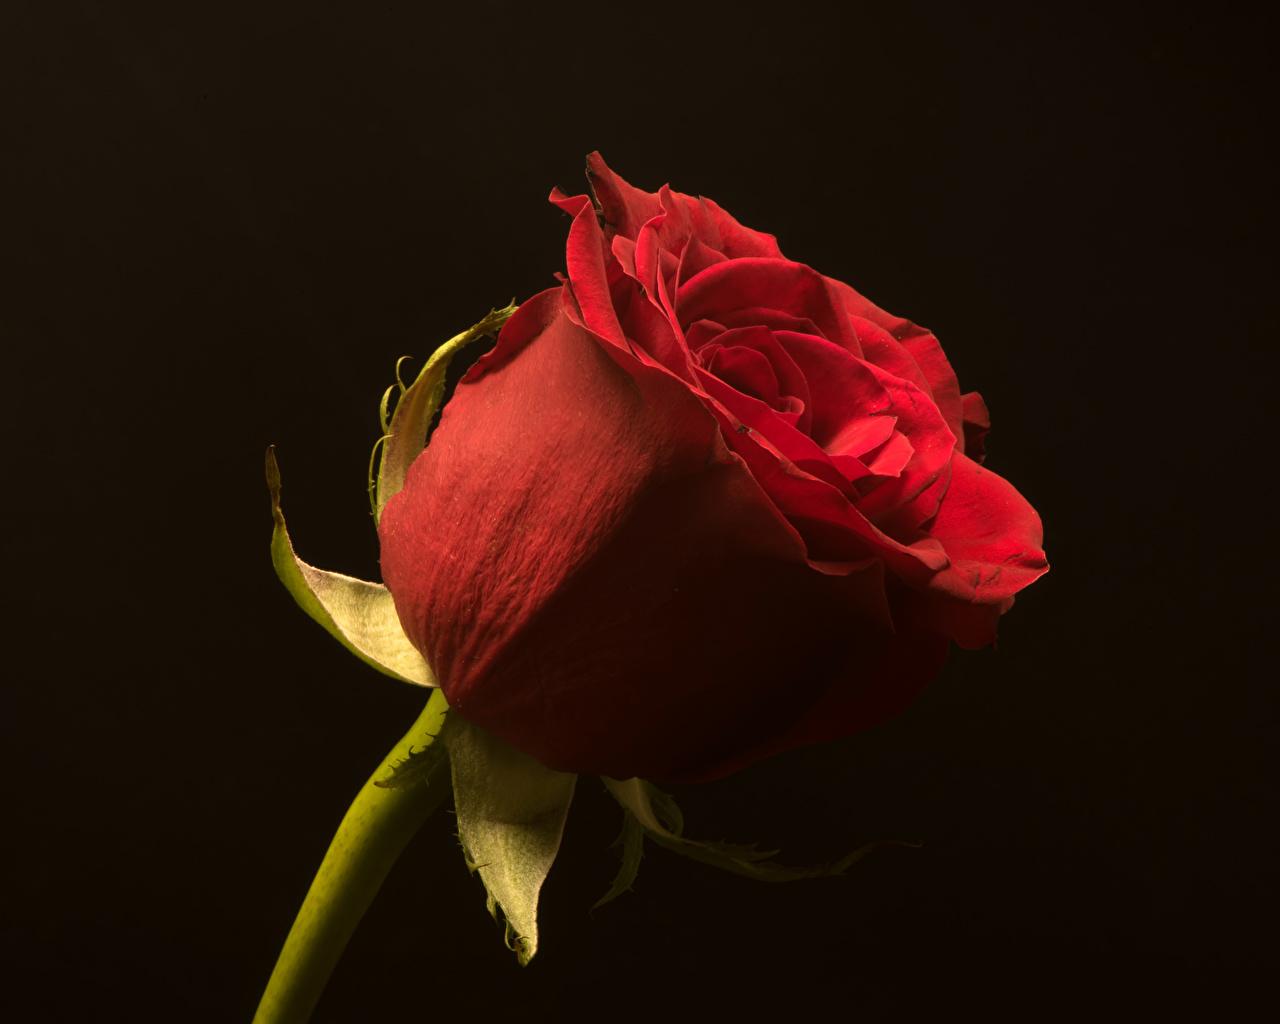 Bilder von Rot Rosen Blumen Großansicht Schwarzer Hintergrund Rose Blüte hautnah Nahaufnahme